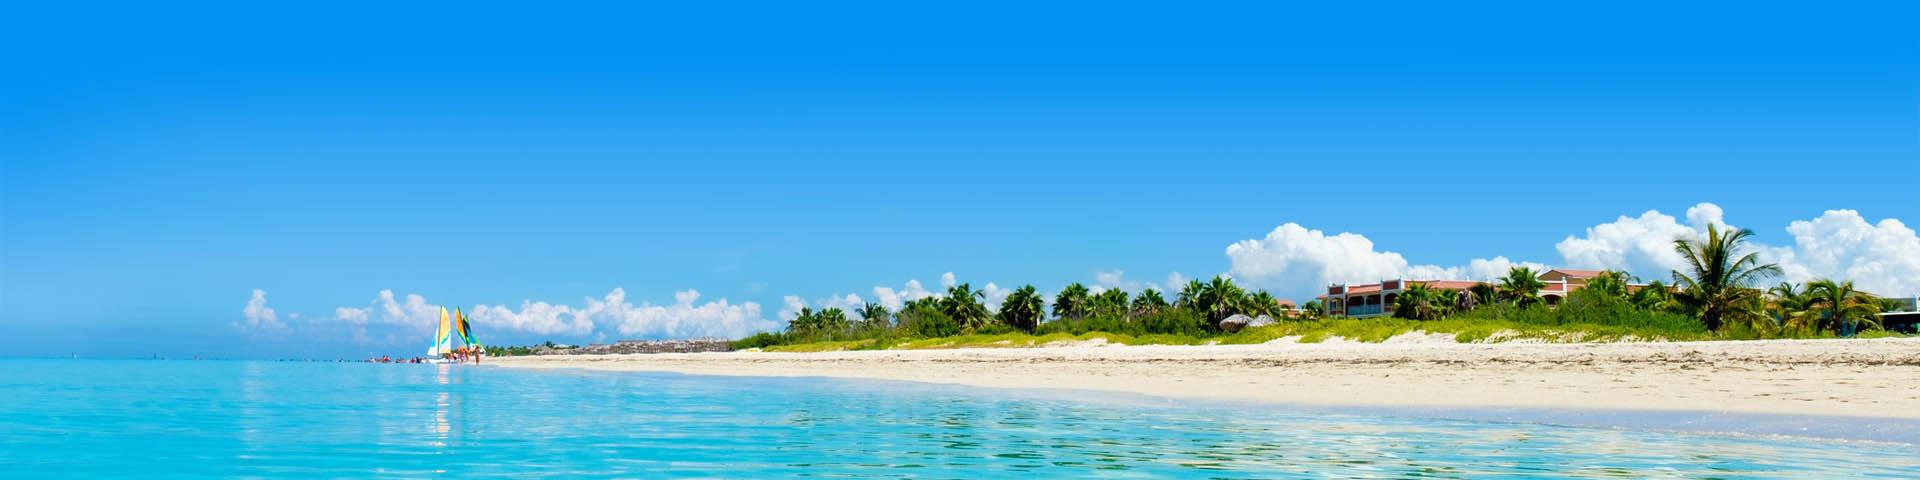 Schitterend wit zandstrand met tropisch regenwoud op de achtergrond aan de kust van Varadero in Cuba